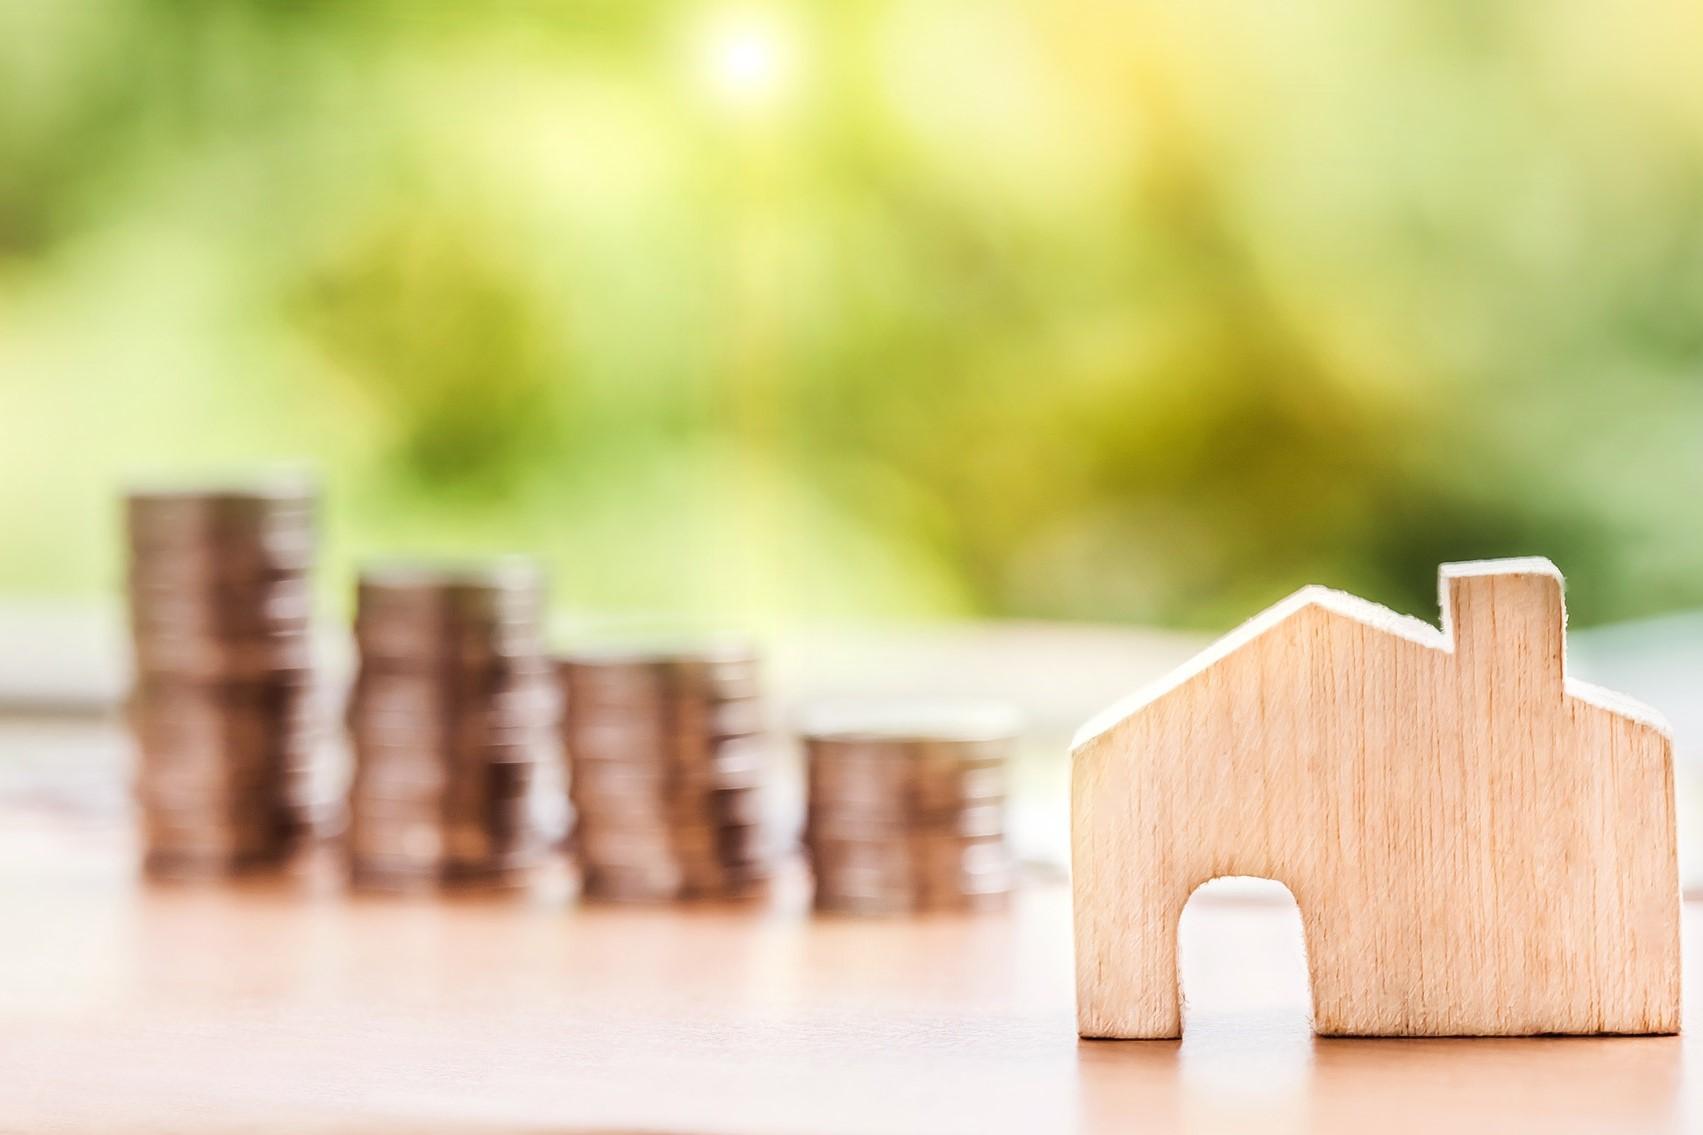 Bild Holzhaus und Geldmünzen, Quelle: Bild von Nattanan Kanchanaprat auf Pixabay